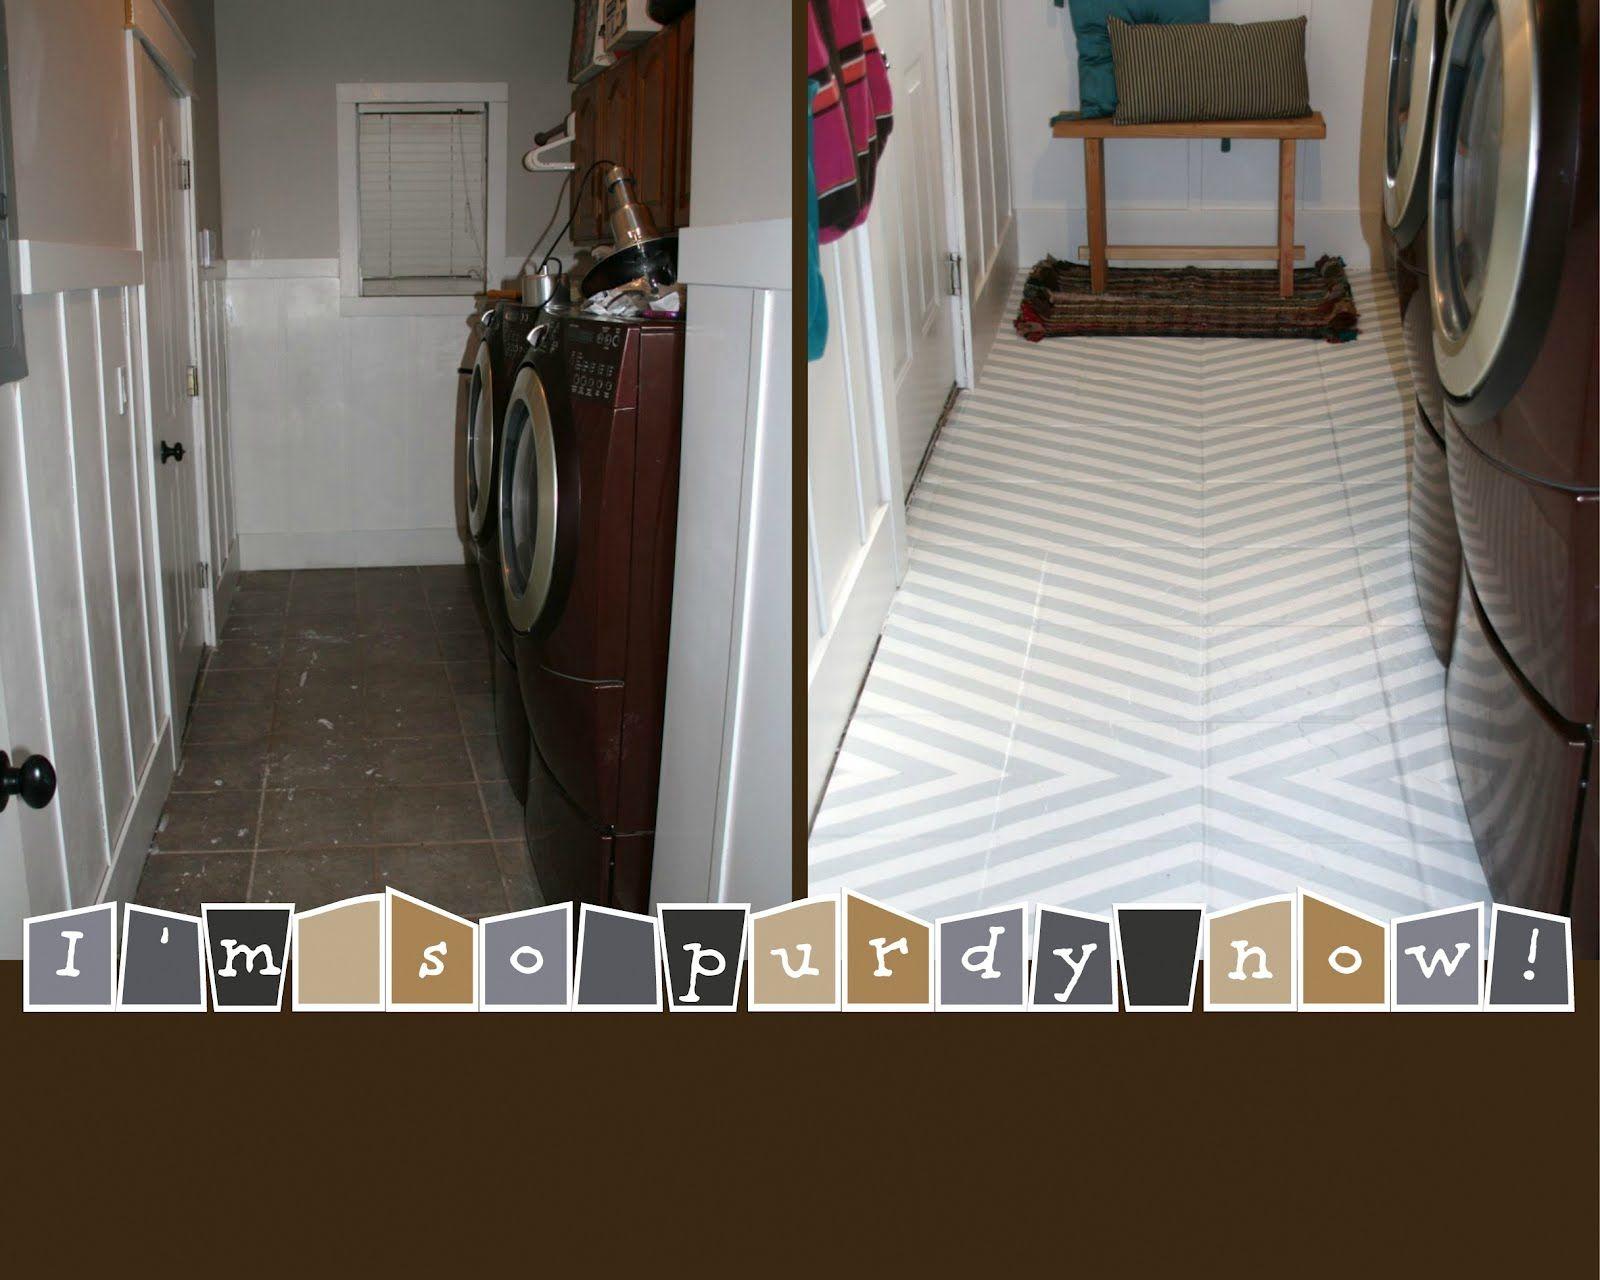 die besten 25 malerei fliesen ideen auf pinterest bemalte fliesen badfliesen streichen und. Black Bedroom Furniture Sets. Home Design Ideas